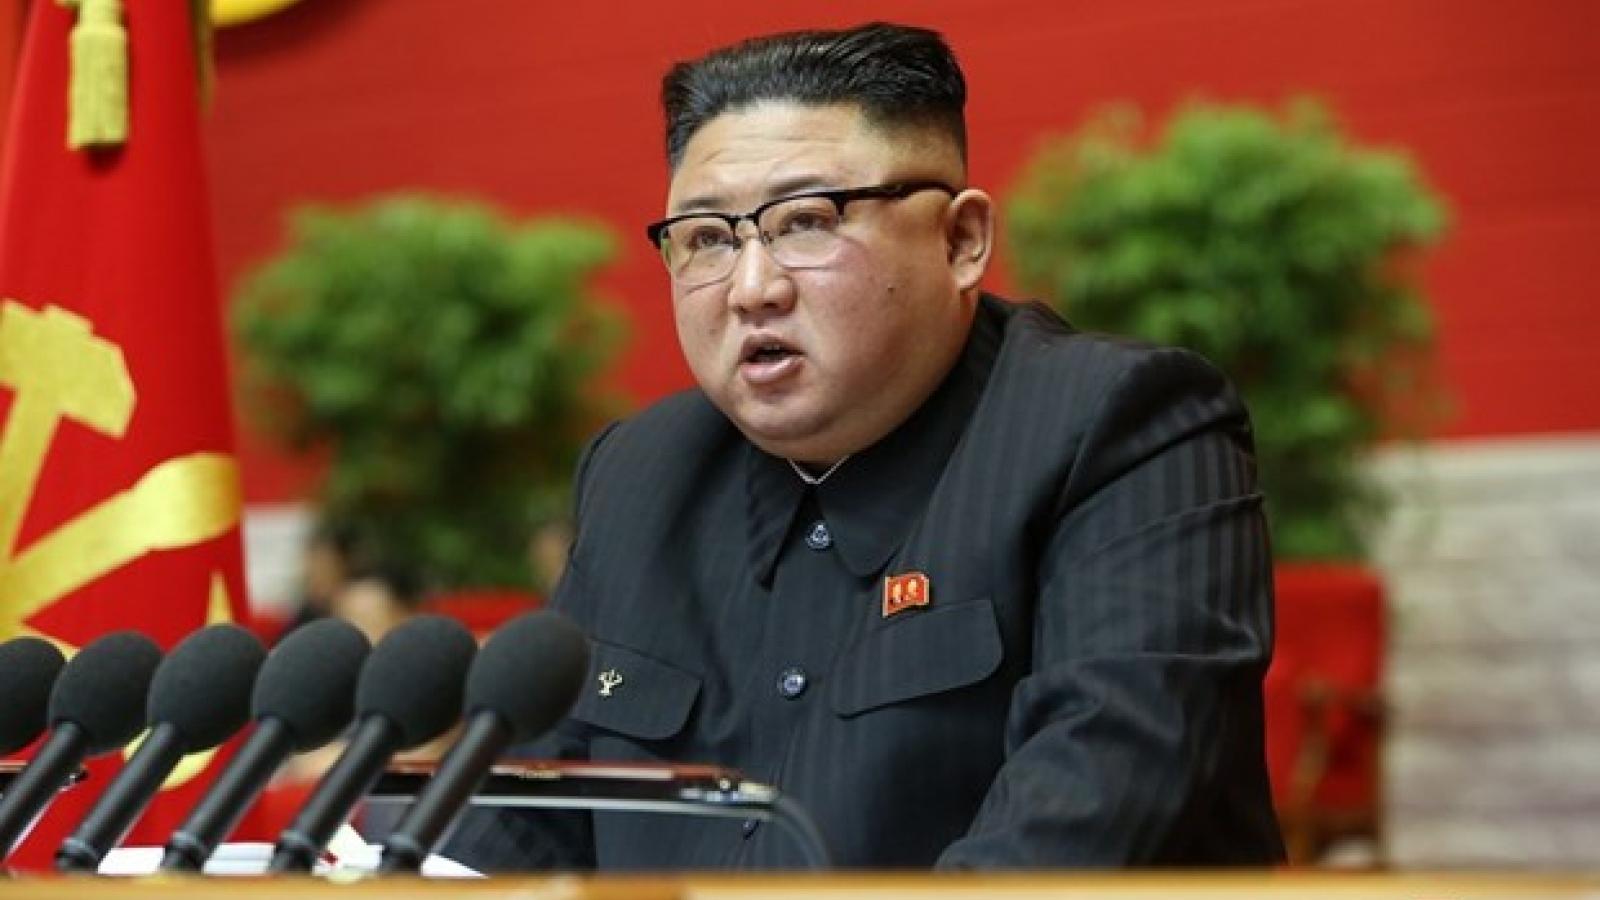 Chủ tịch Triều Tiên được bầu làm Tổng bí thư đảng Lao động